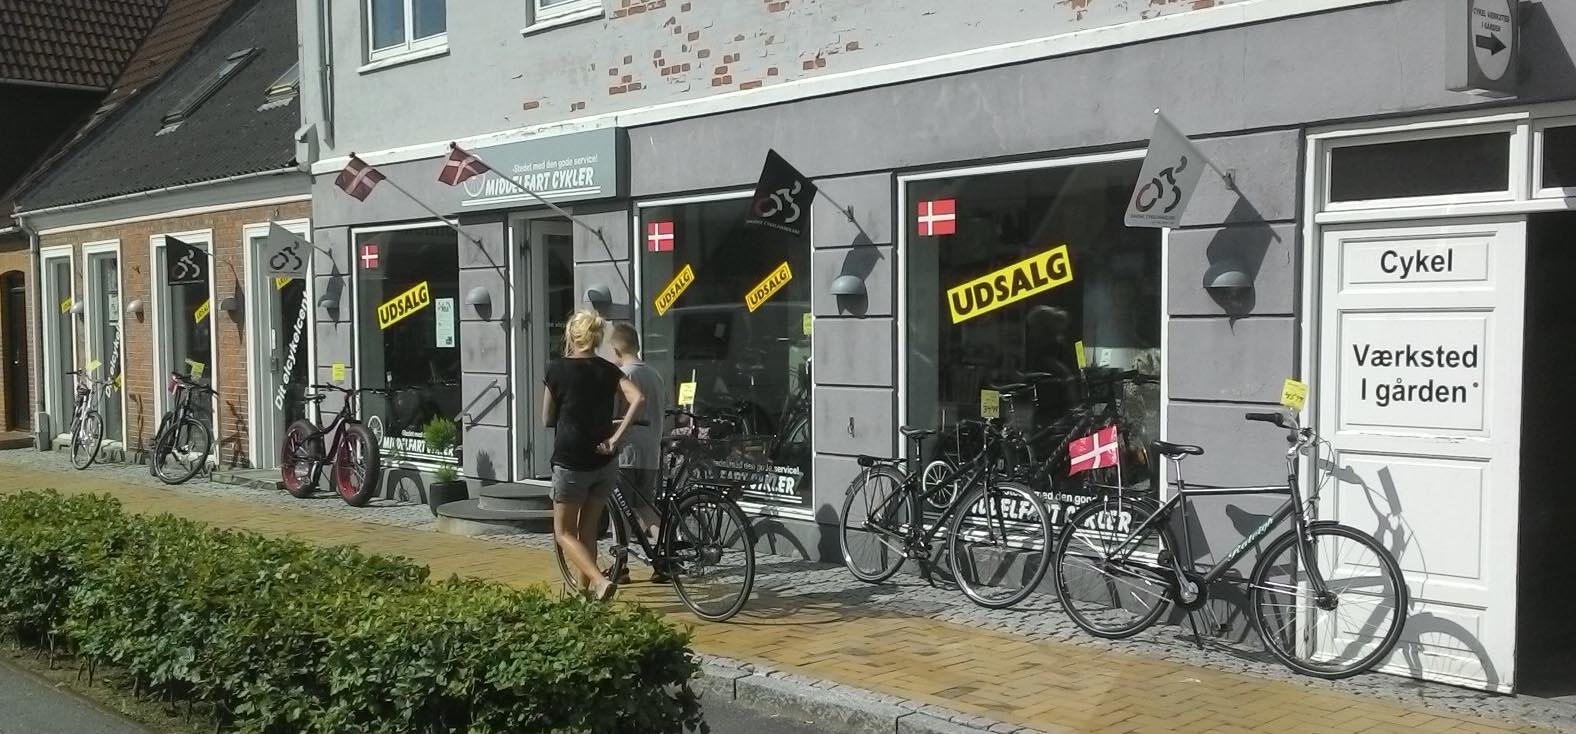 Middelfart Cykler - Odensevej 7 - 5500